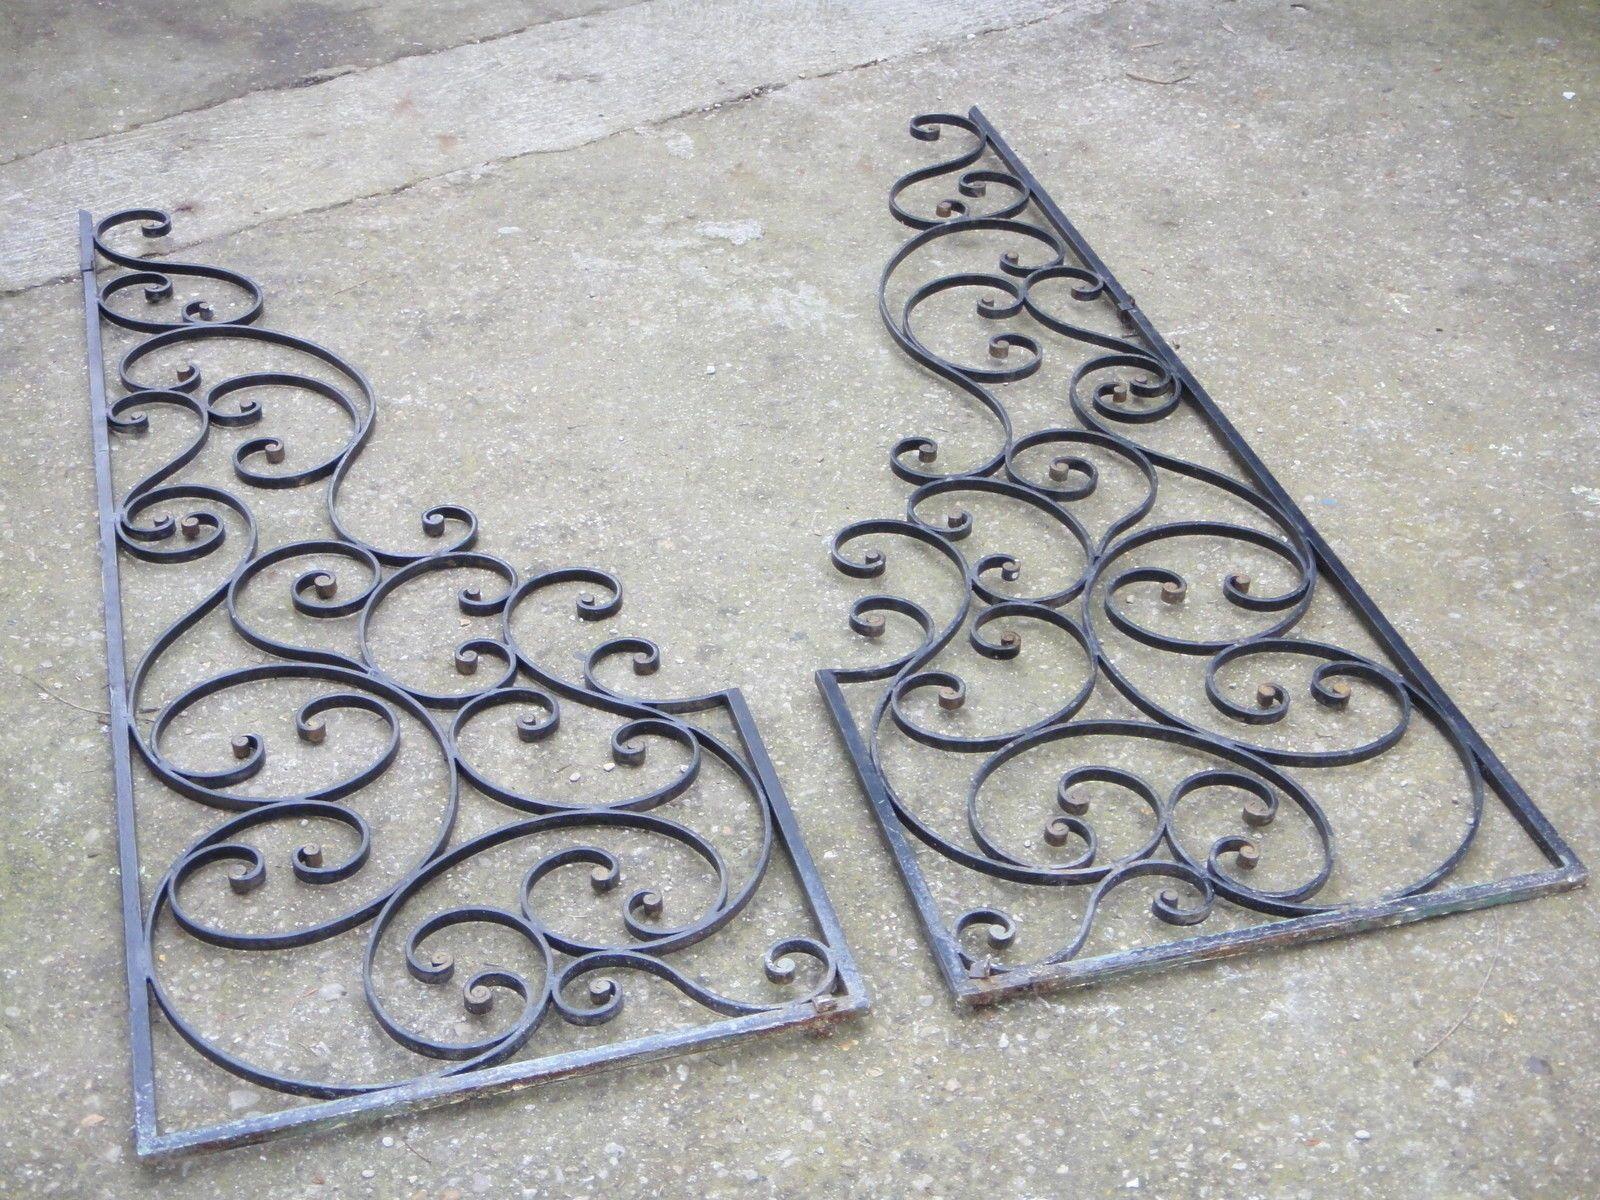 anciennes grilles de s paration cloison claustra fer forge 149 x 53 cm ebay technique de. Black Bedroom Furniture Sets. Home Design Ideas